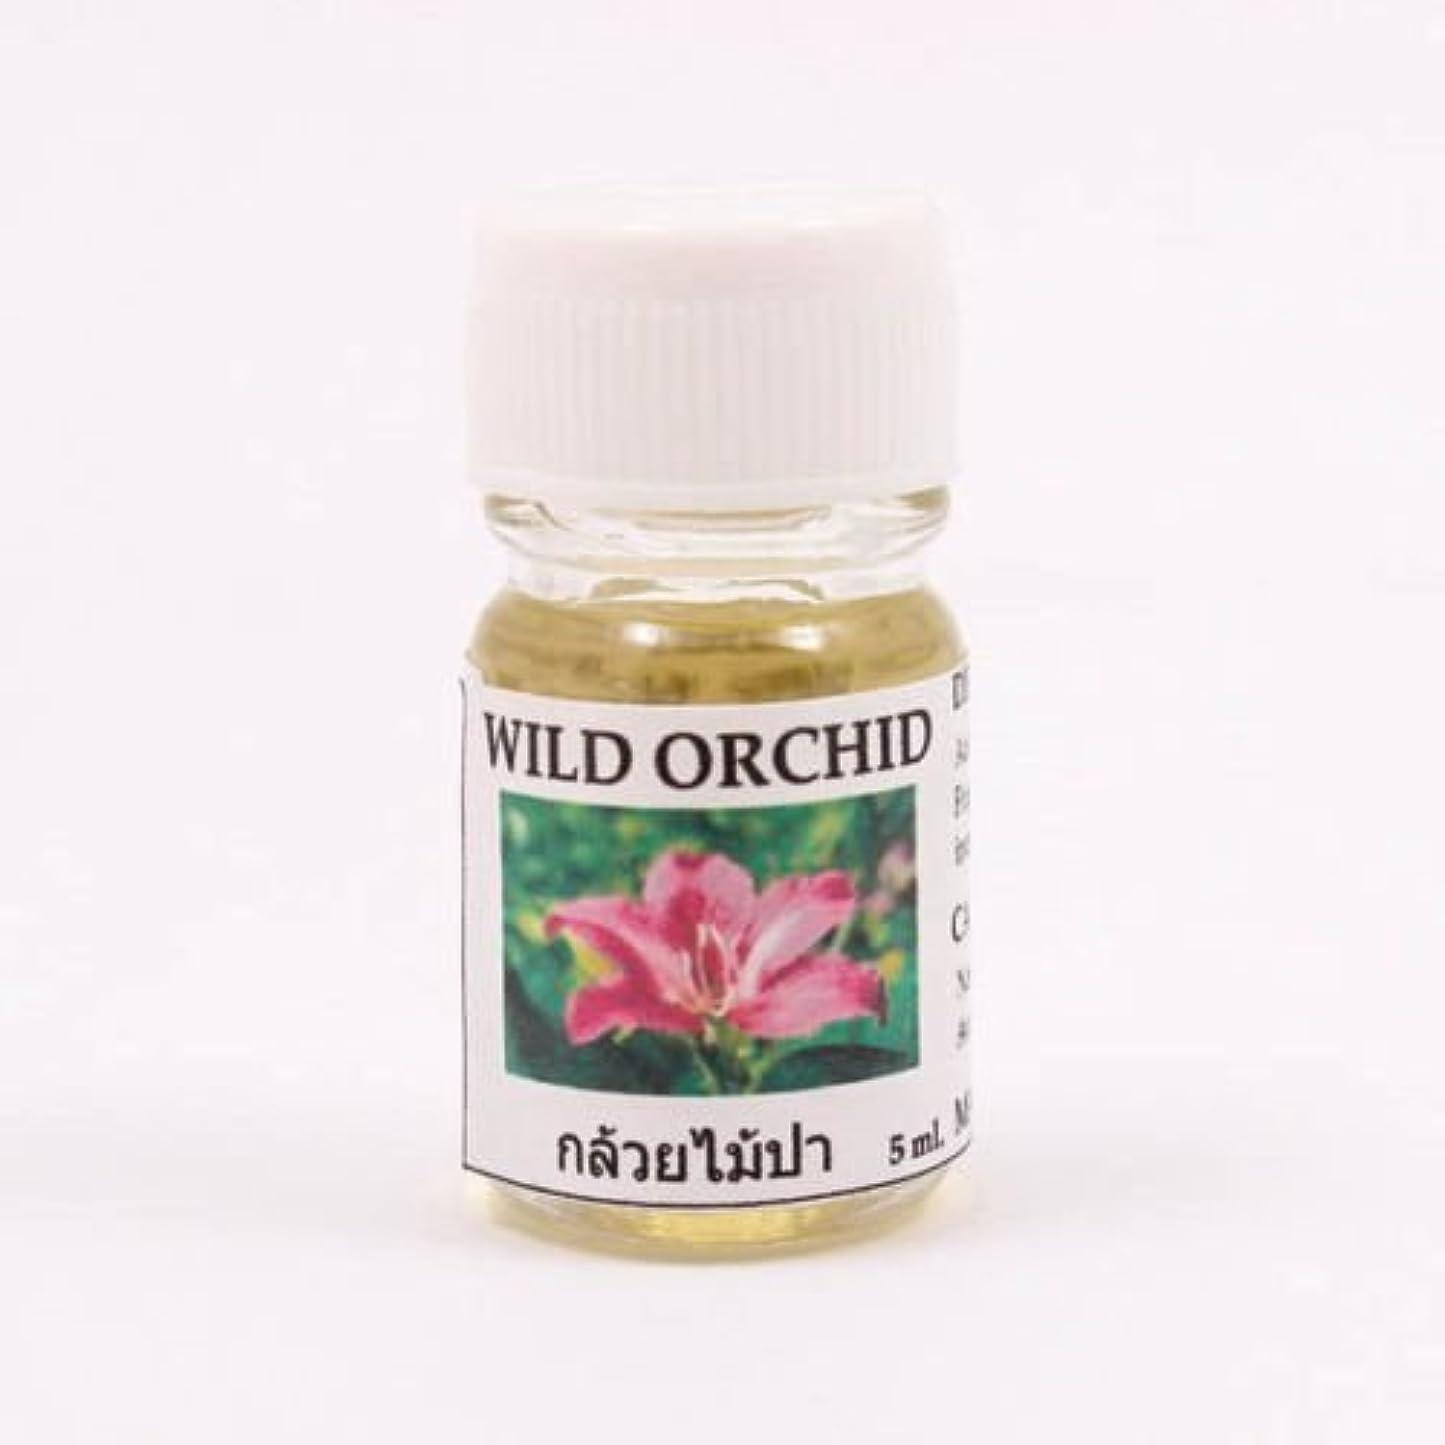 インド特権的最終的に6X Wild Orchid Fragrance Essential Oil 5ML. (cc) Diffuser Burner Therapy